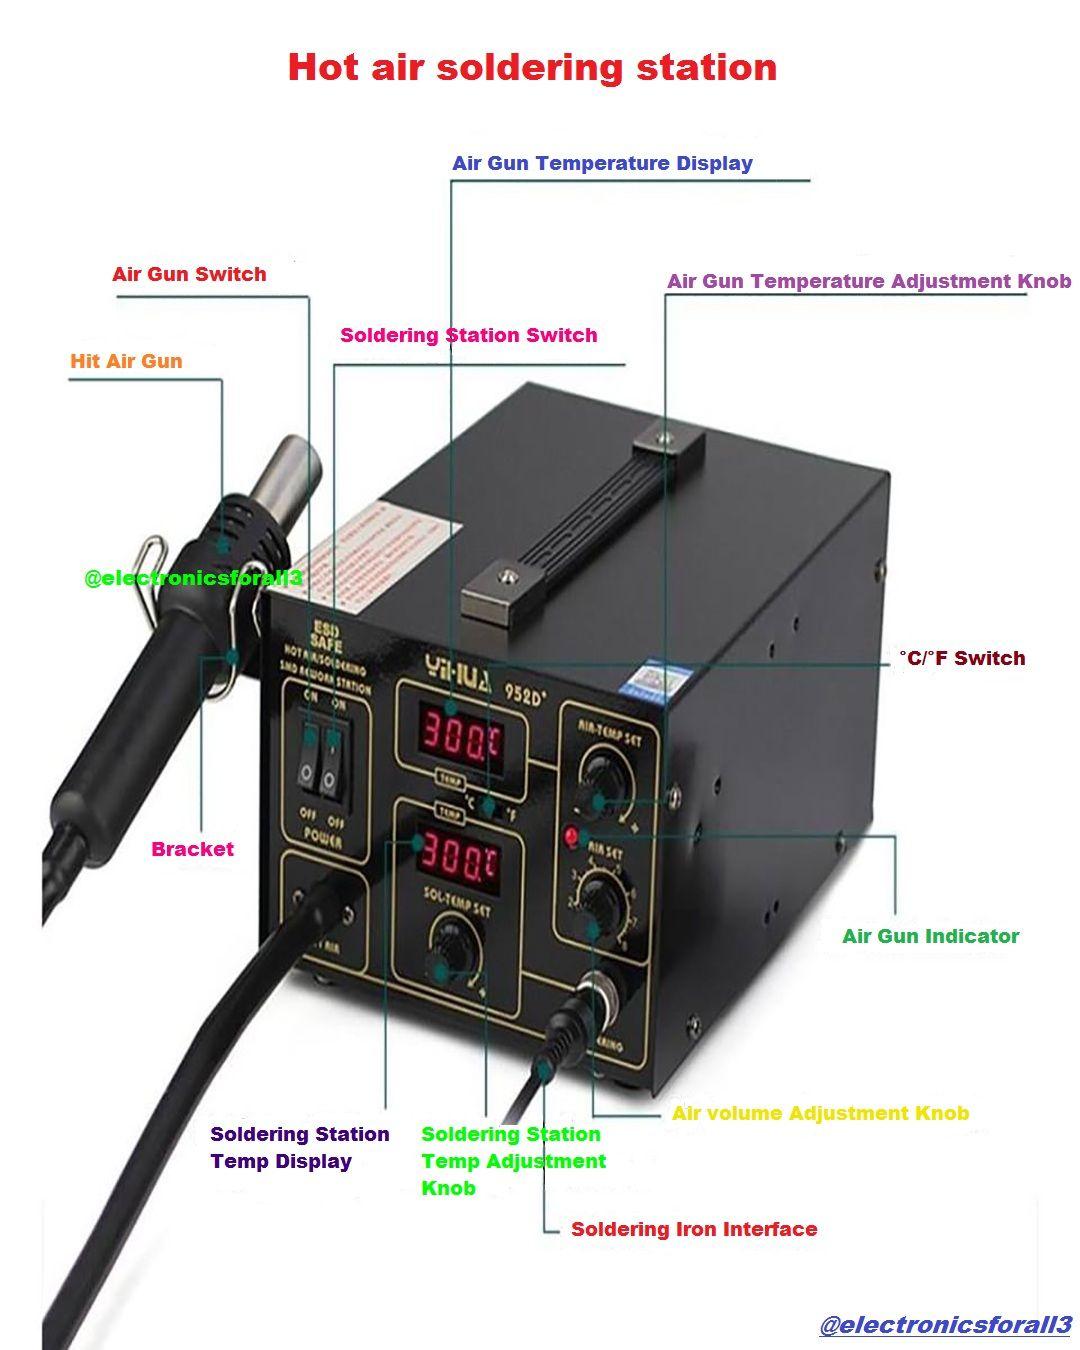 Soldering Station multipurpose power soldering device